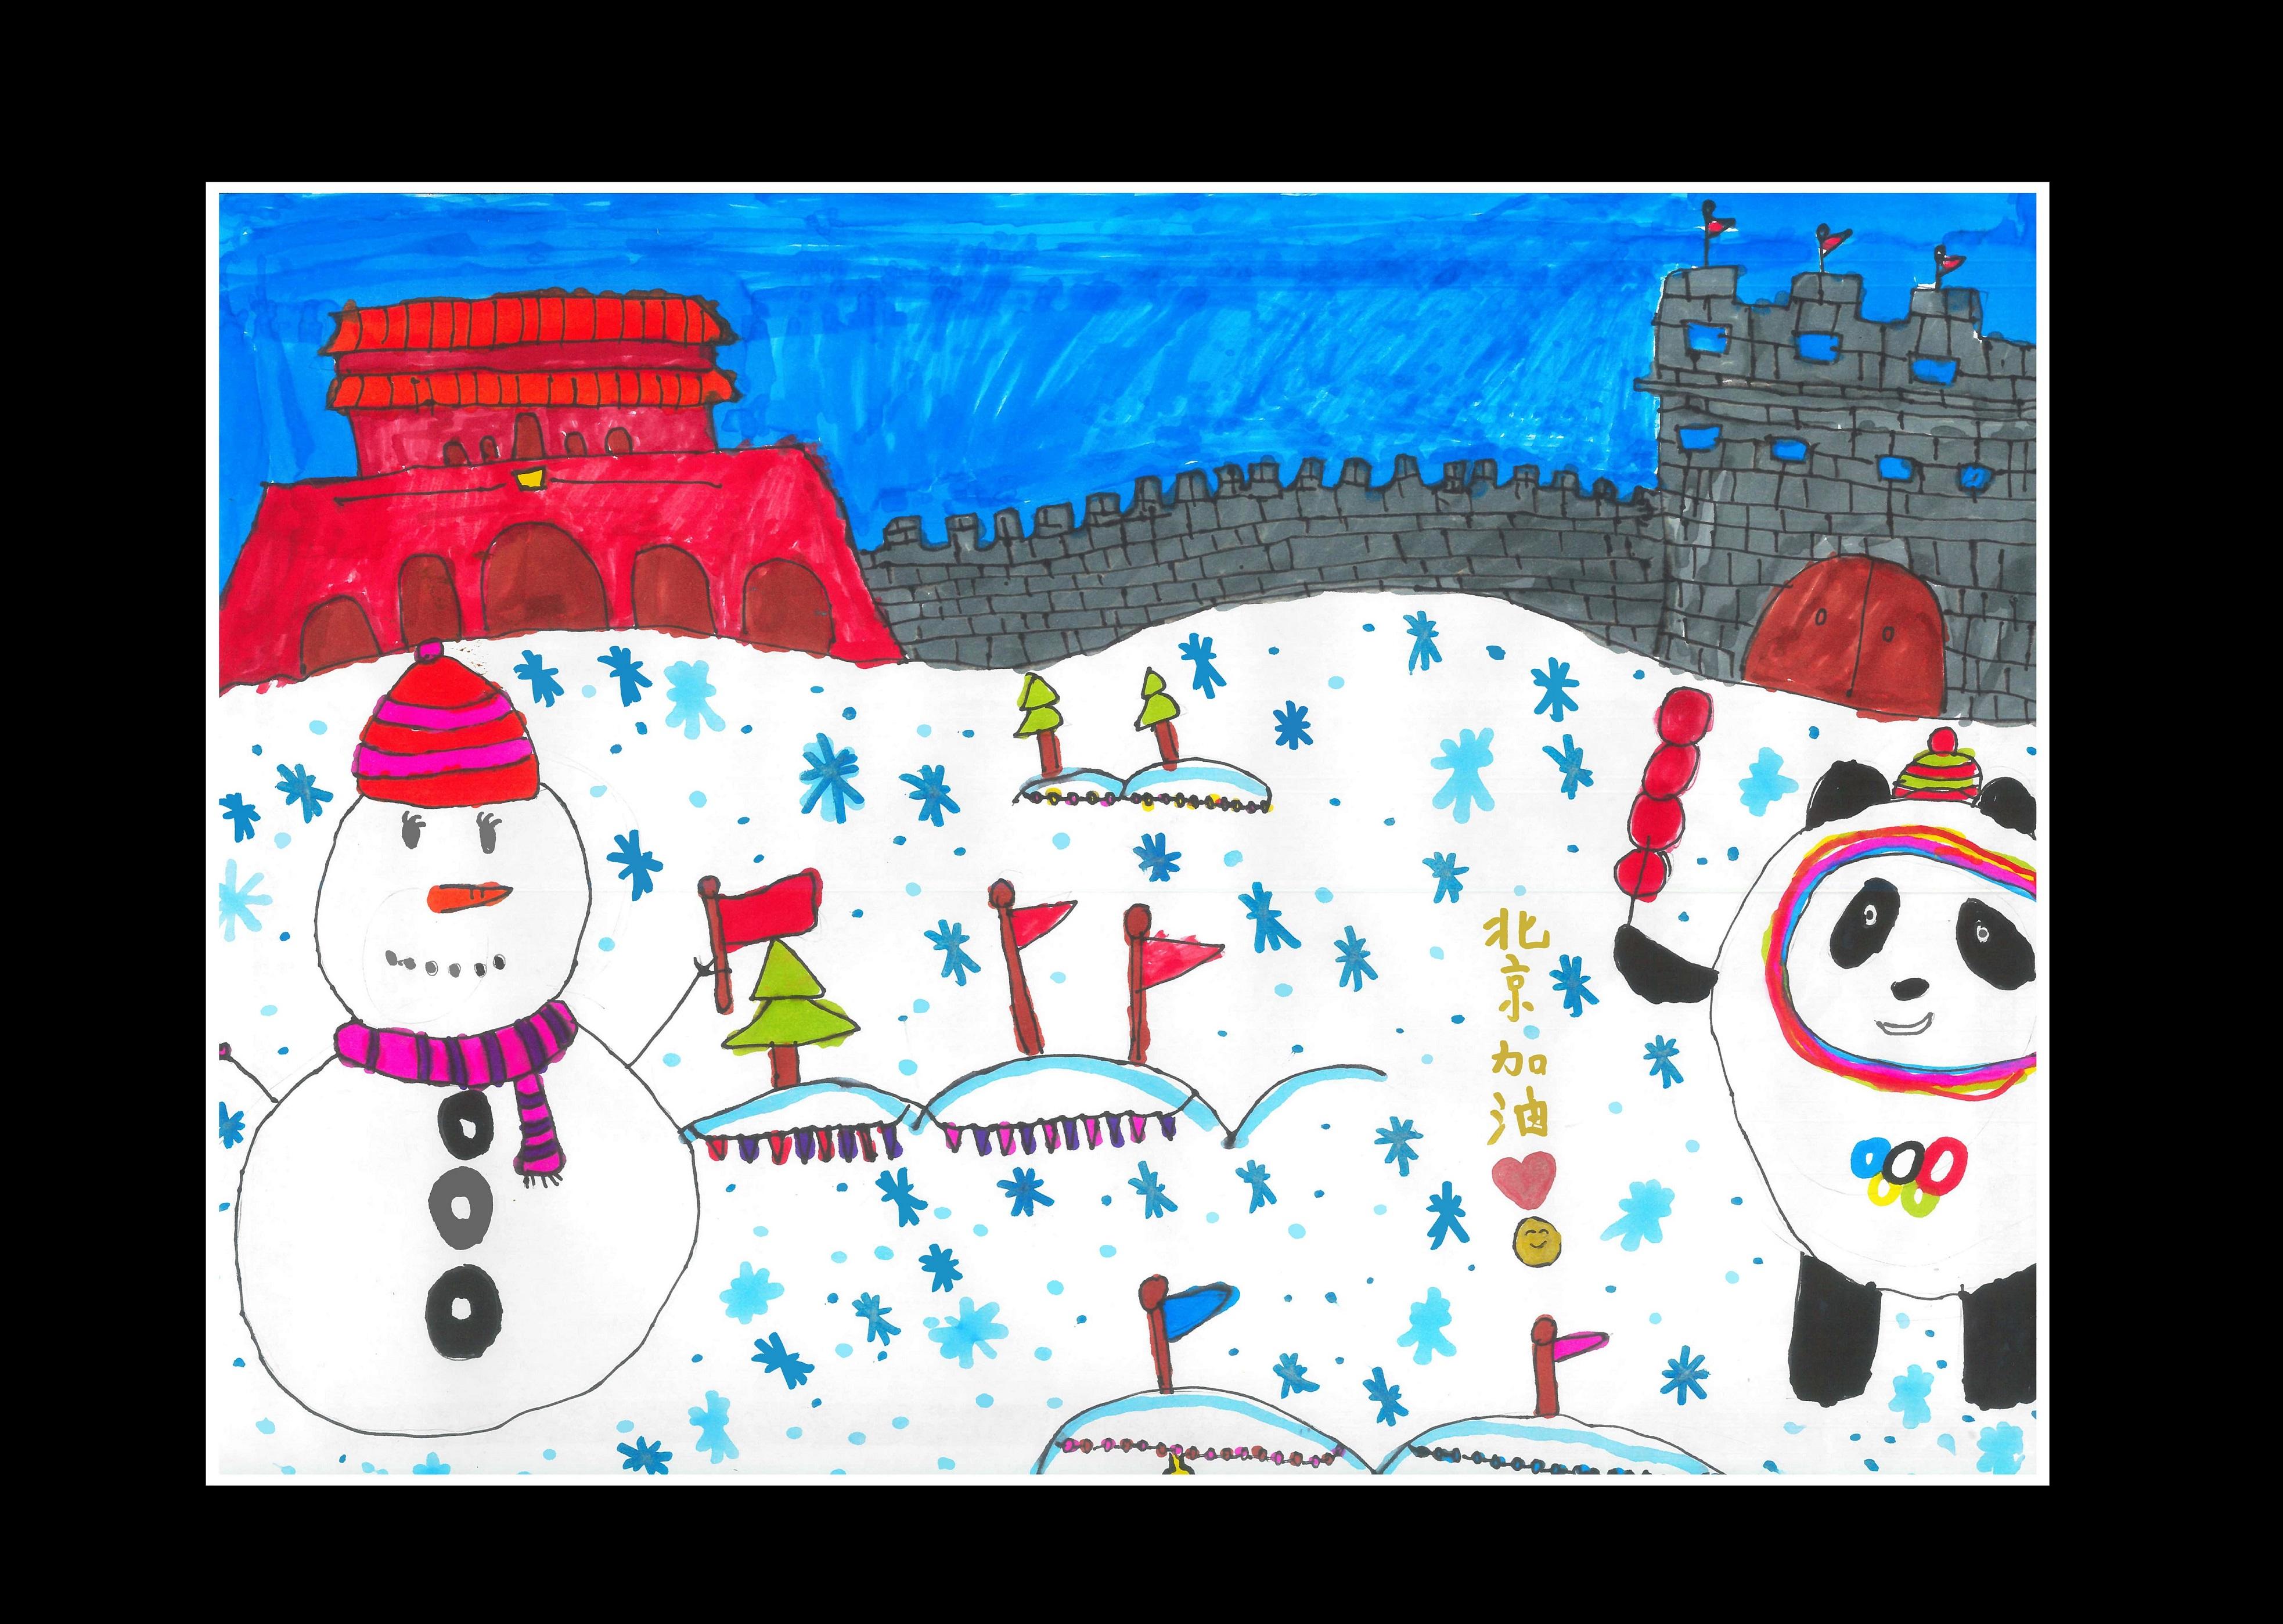 《喜迎冬奥会》Welcome To The Winter Olympics+田宇霏 Tian Yufei+7+18633096131